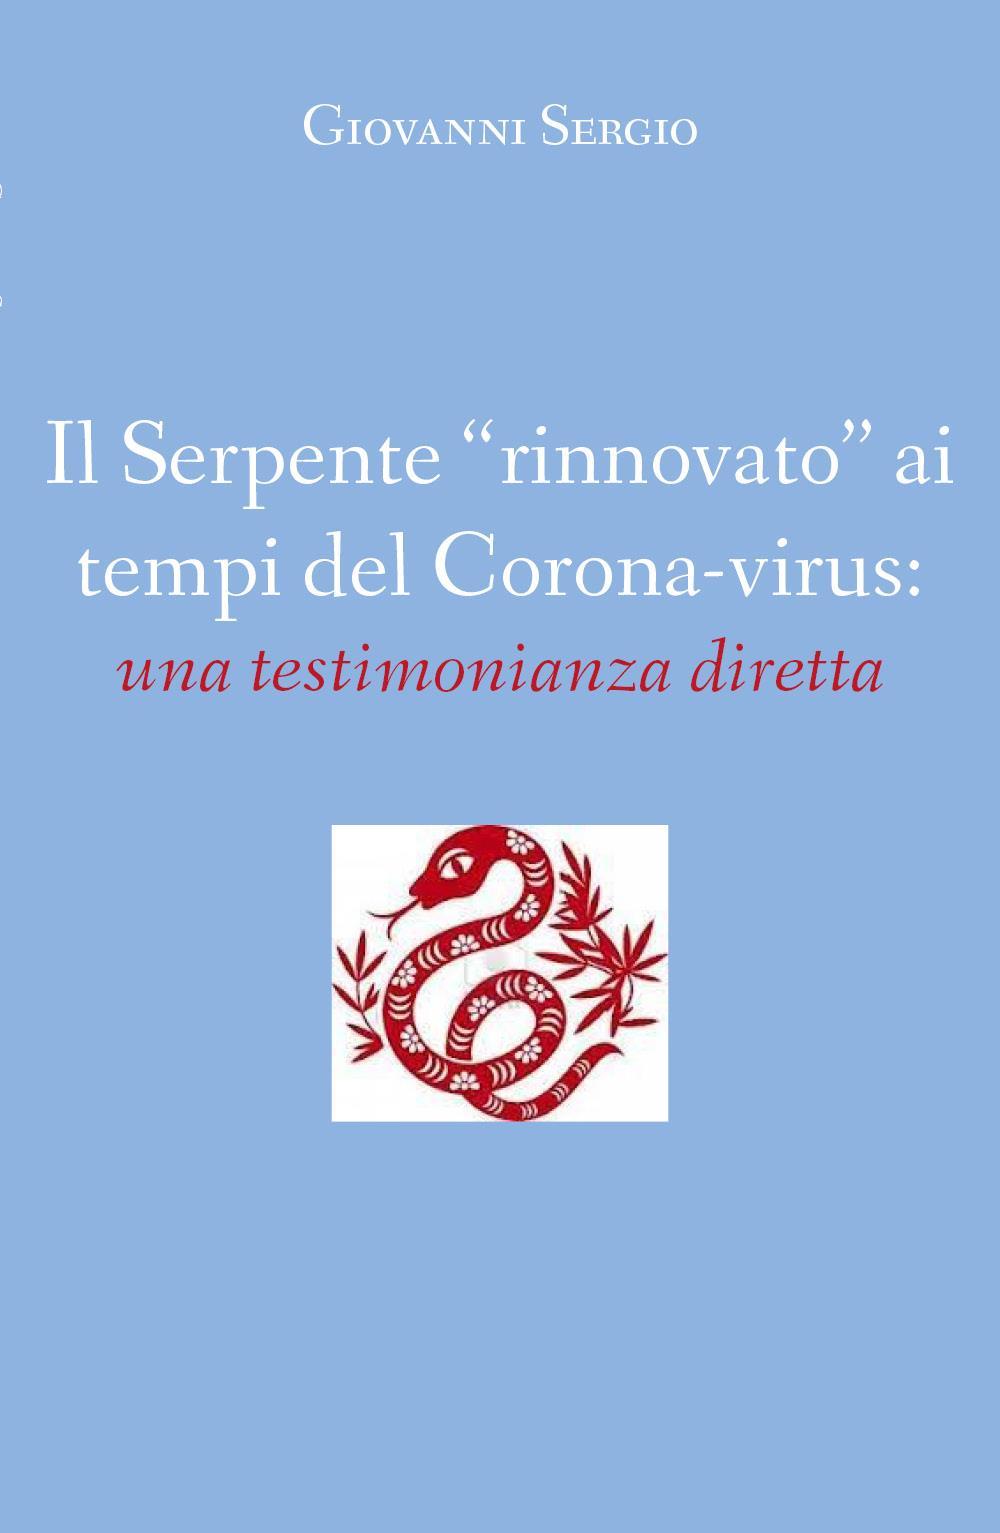 """Il Serpente """"rinnovato"""" ai tempi del corona-virus: una testimonianza diretta"""